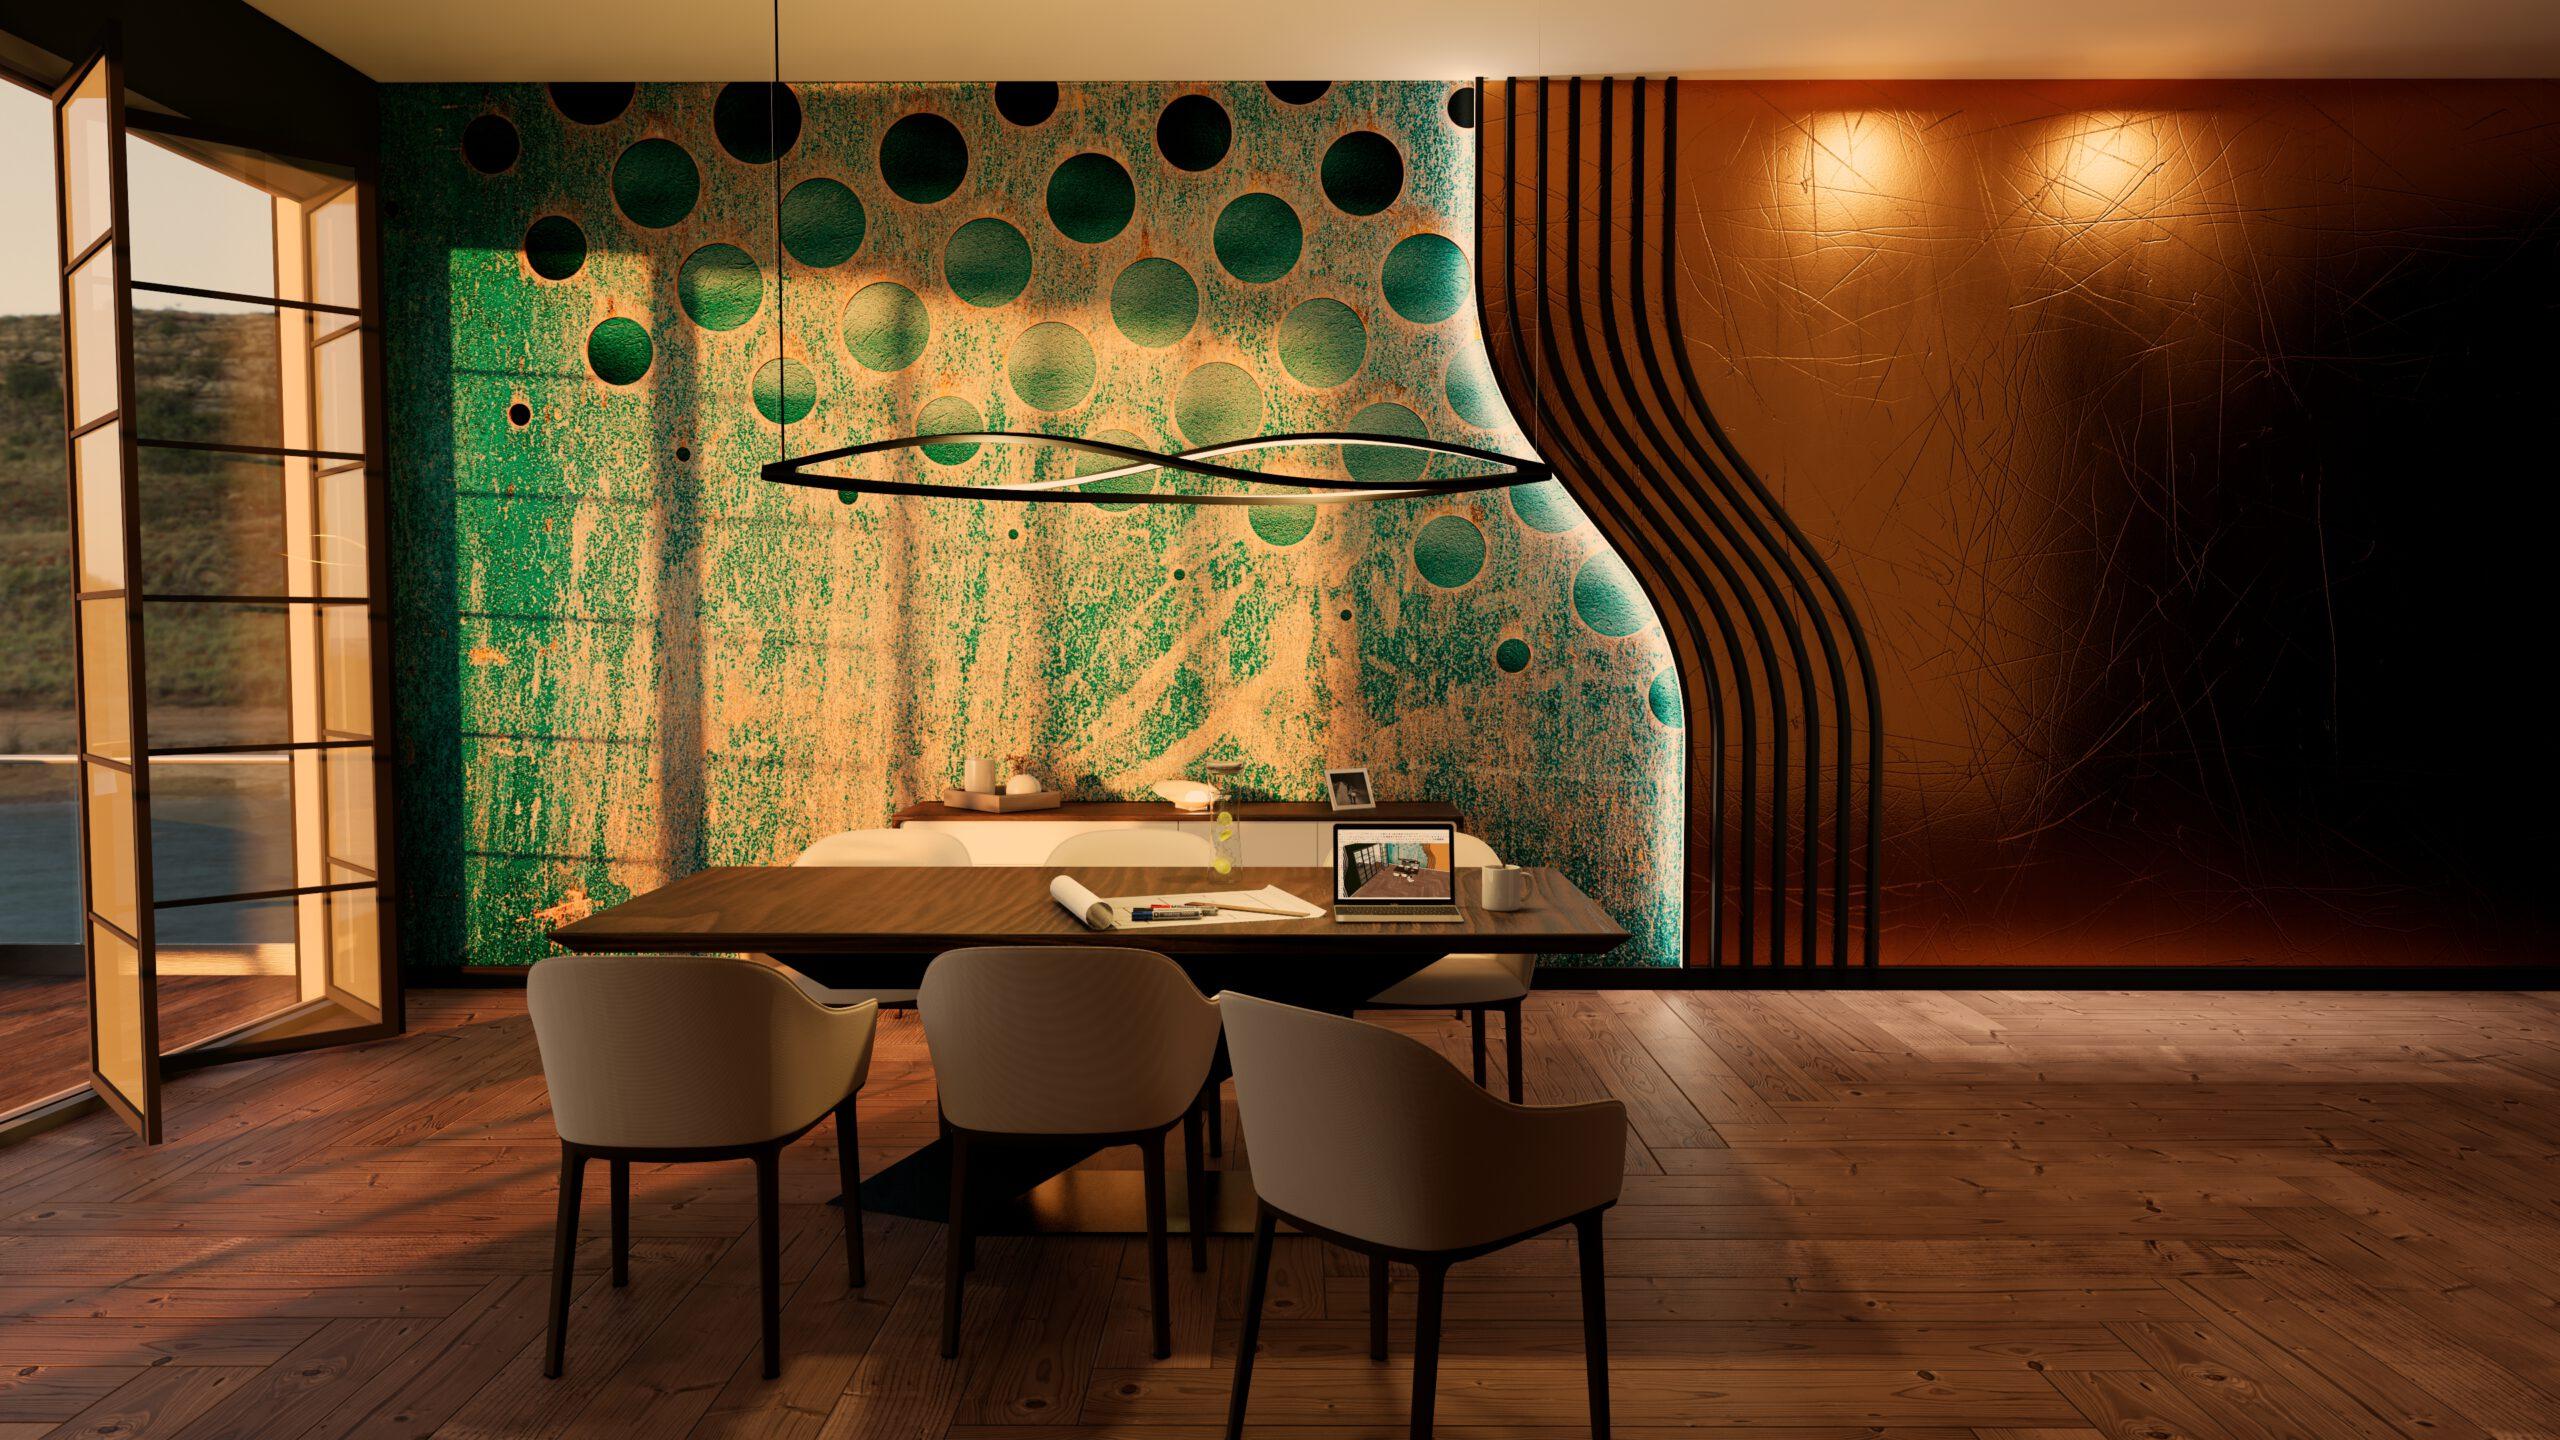 Interior Design, Light design